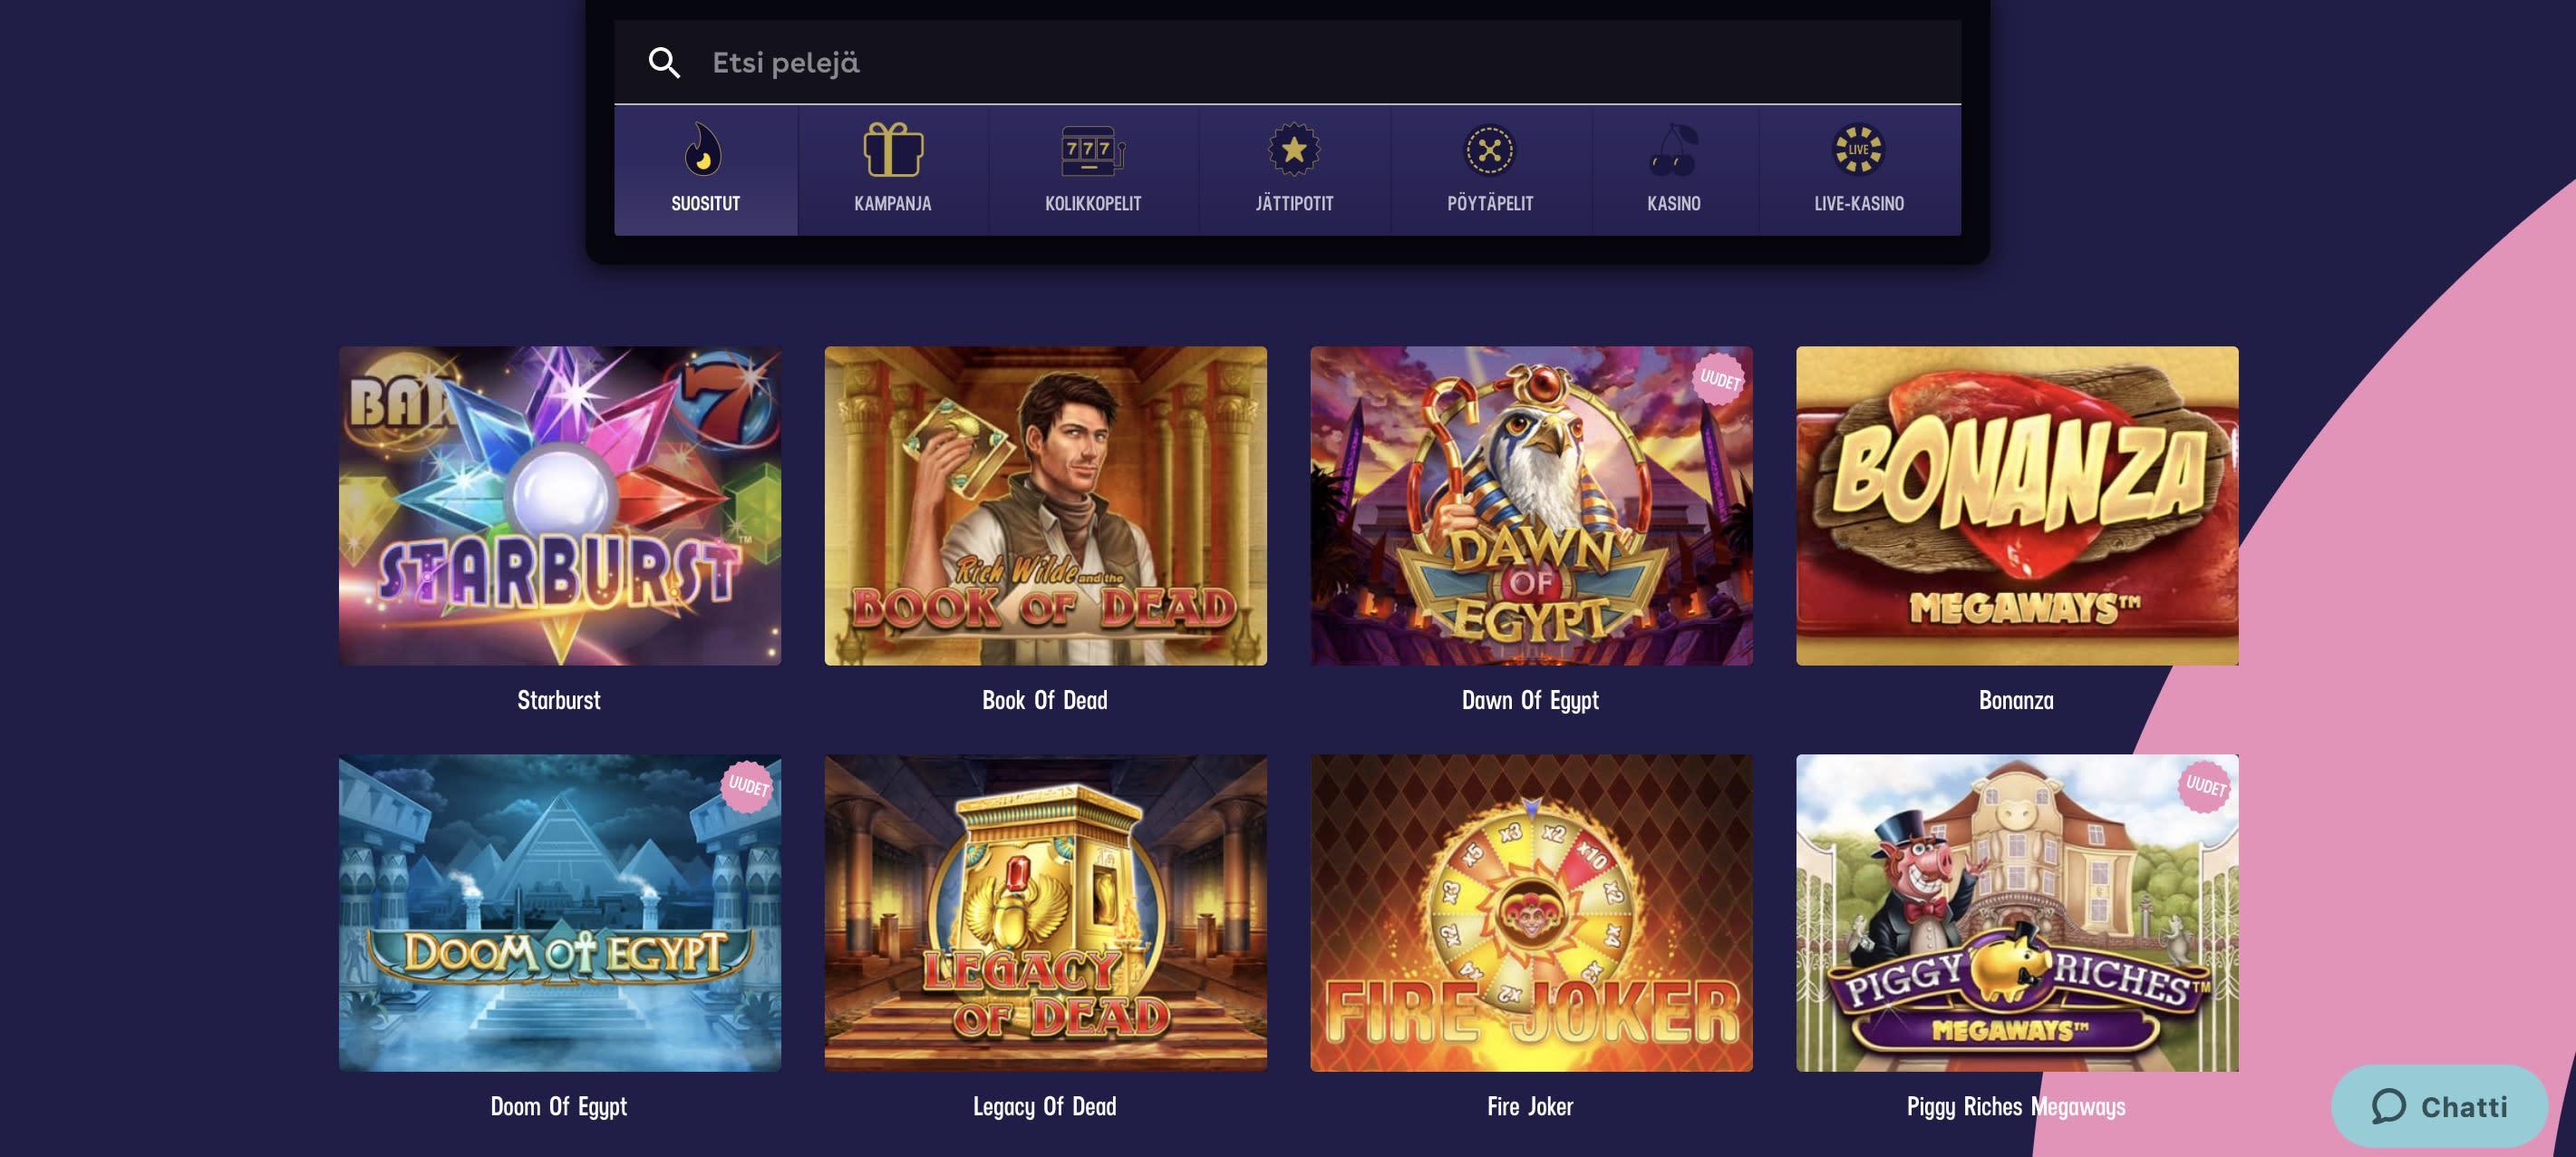 Gambola Casino pelit